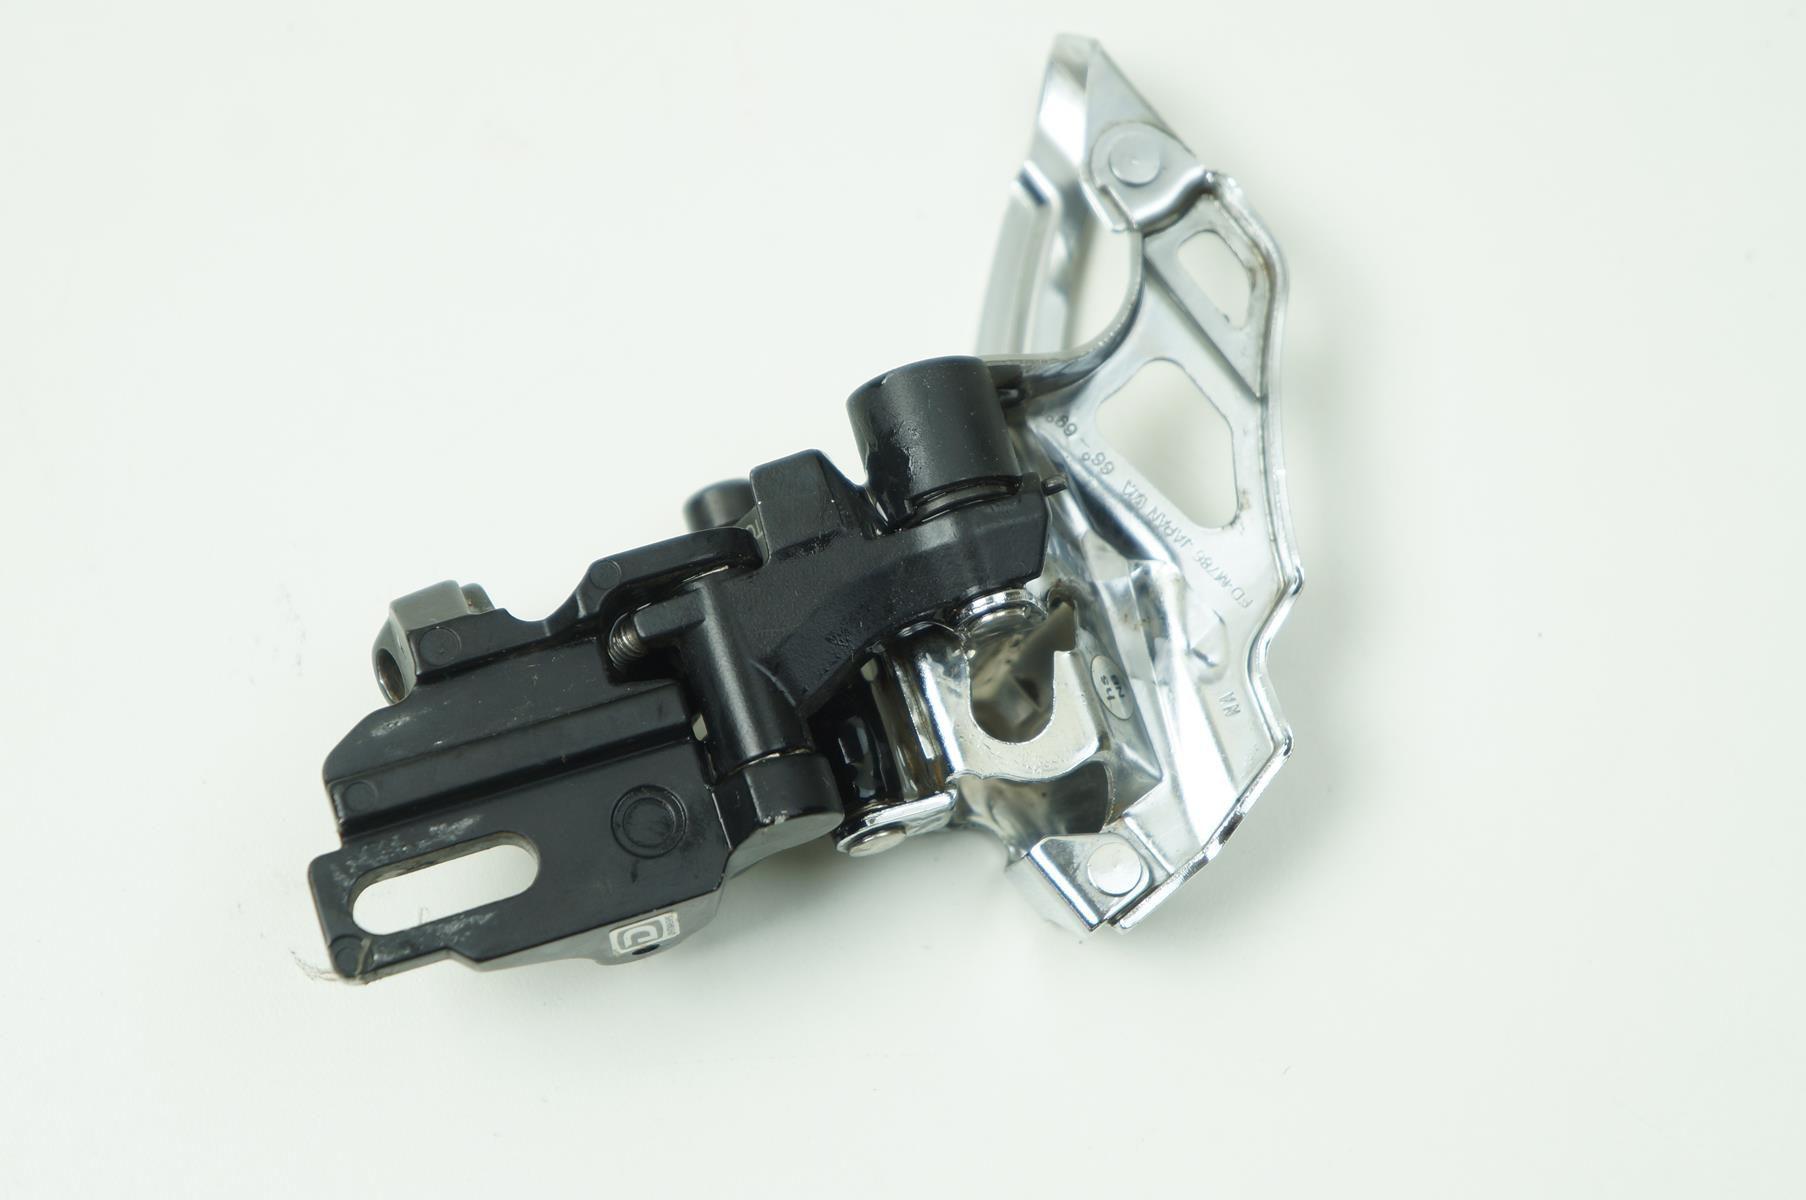 Cambio Dianteiro Shimano Deore XT M786 2x10 Direct Mount por 1 Parafuso Top Pull - USADO